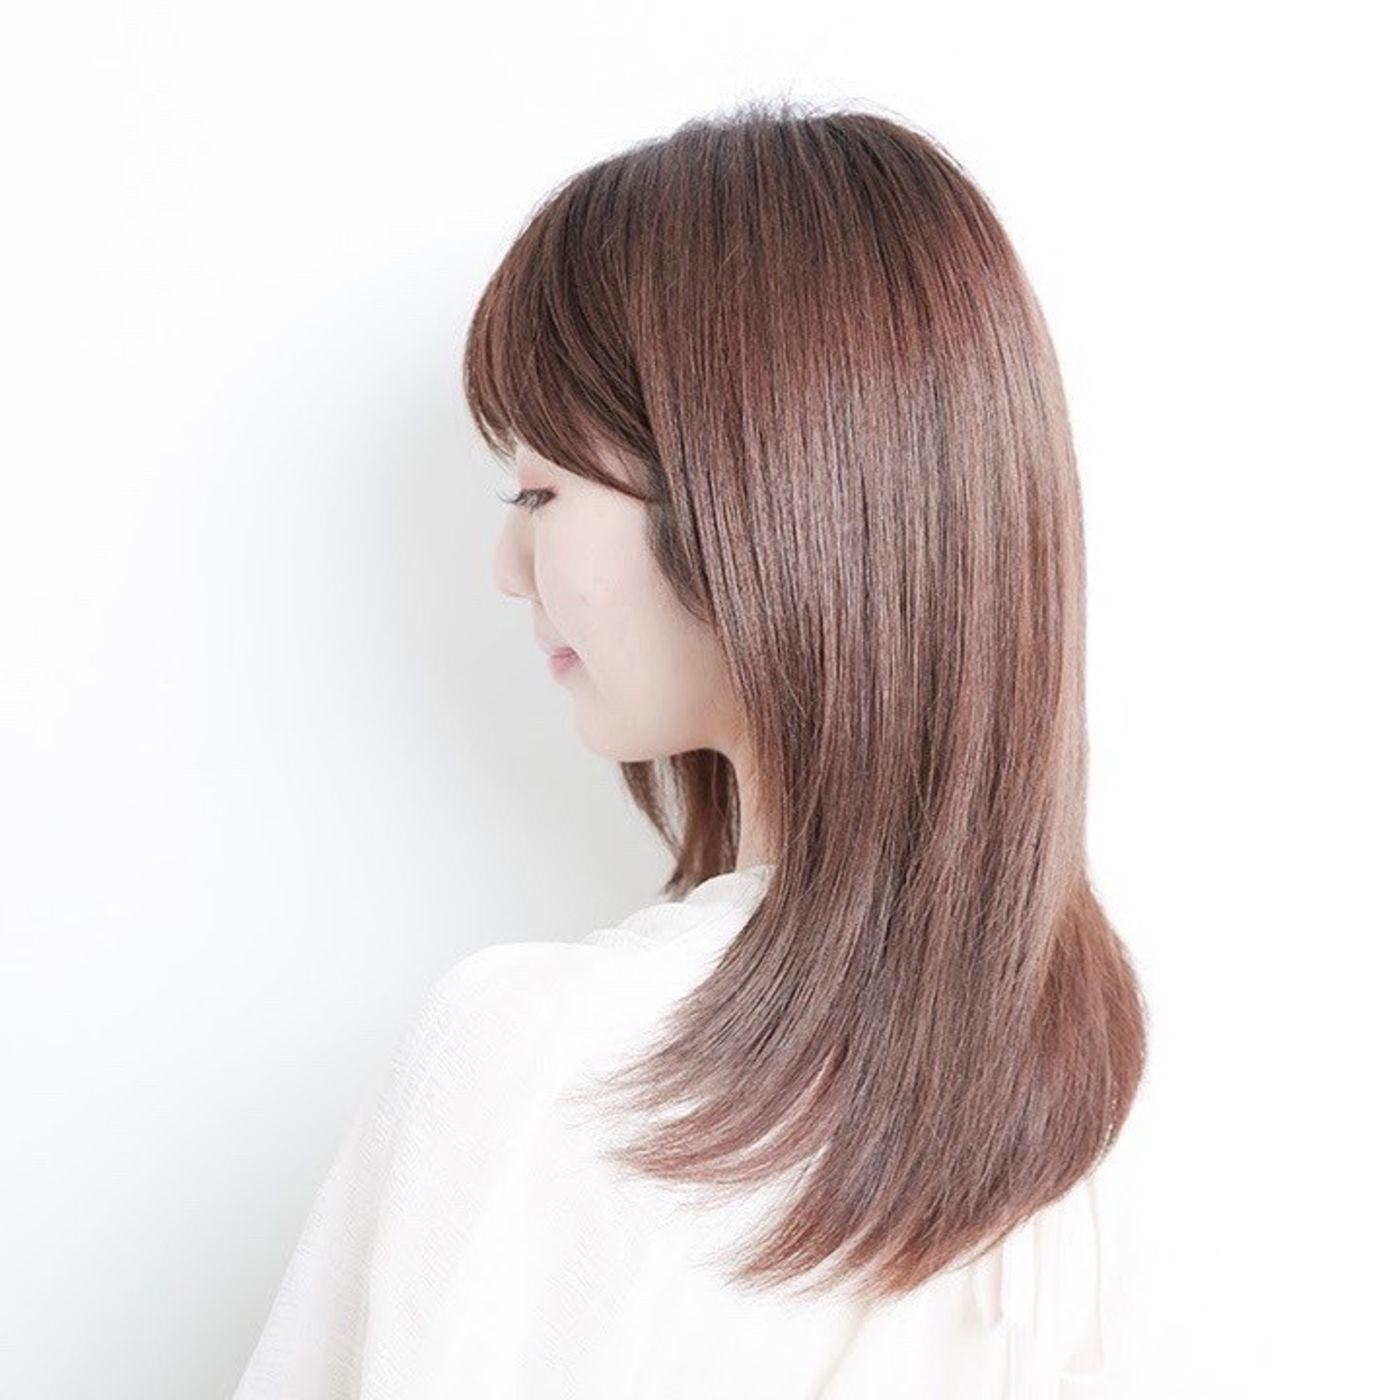 【広がりが気になる方】髪質改善チューニングでボリュームダウン